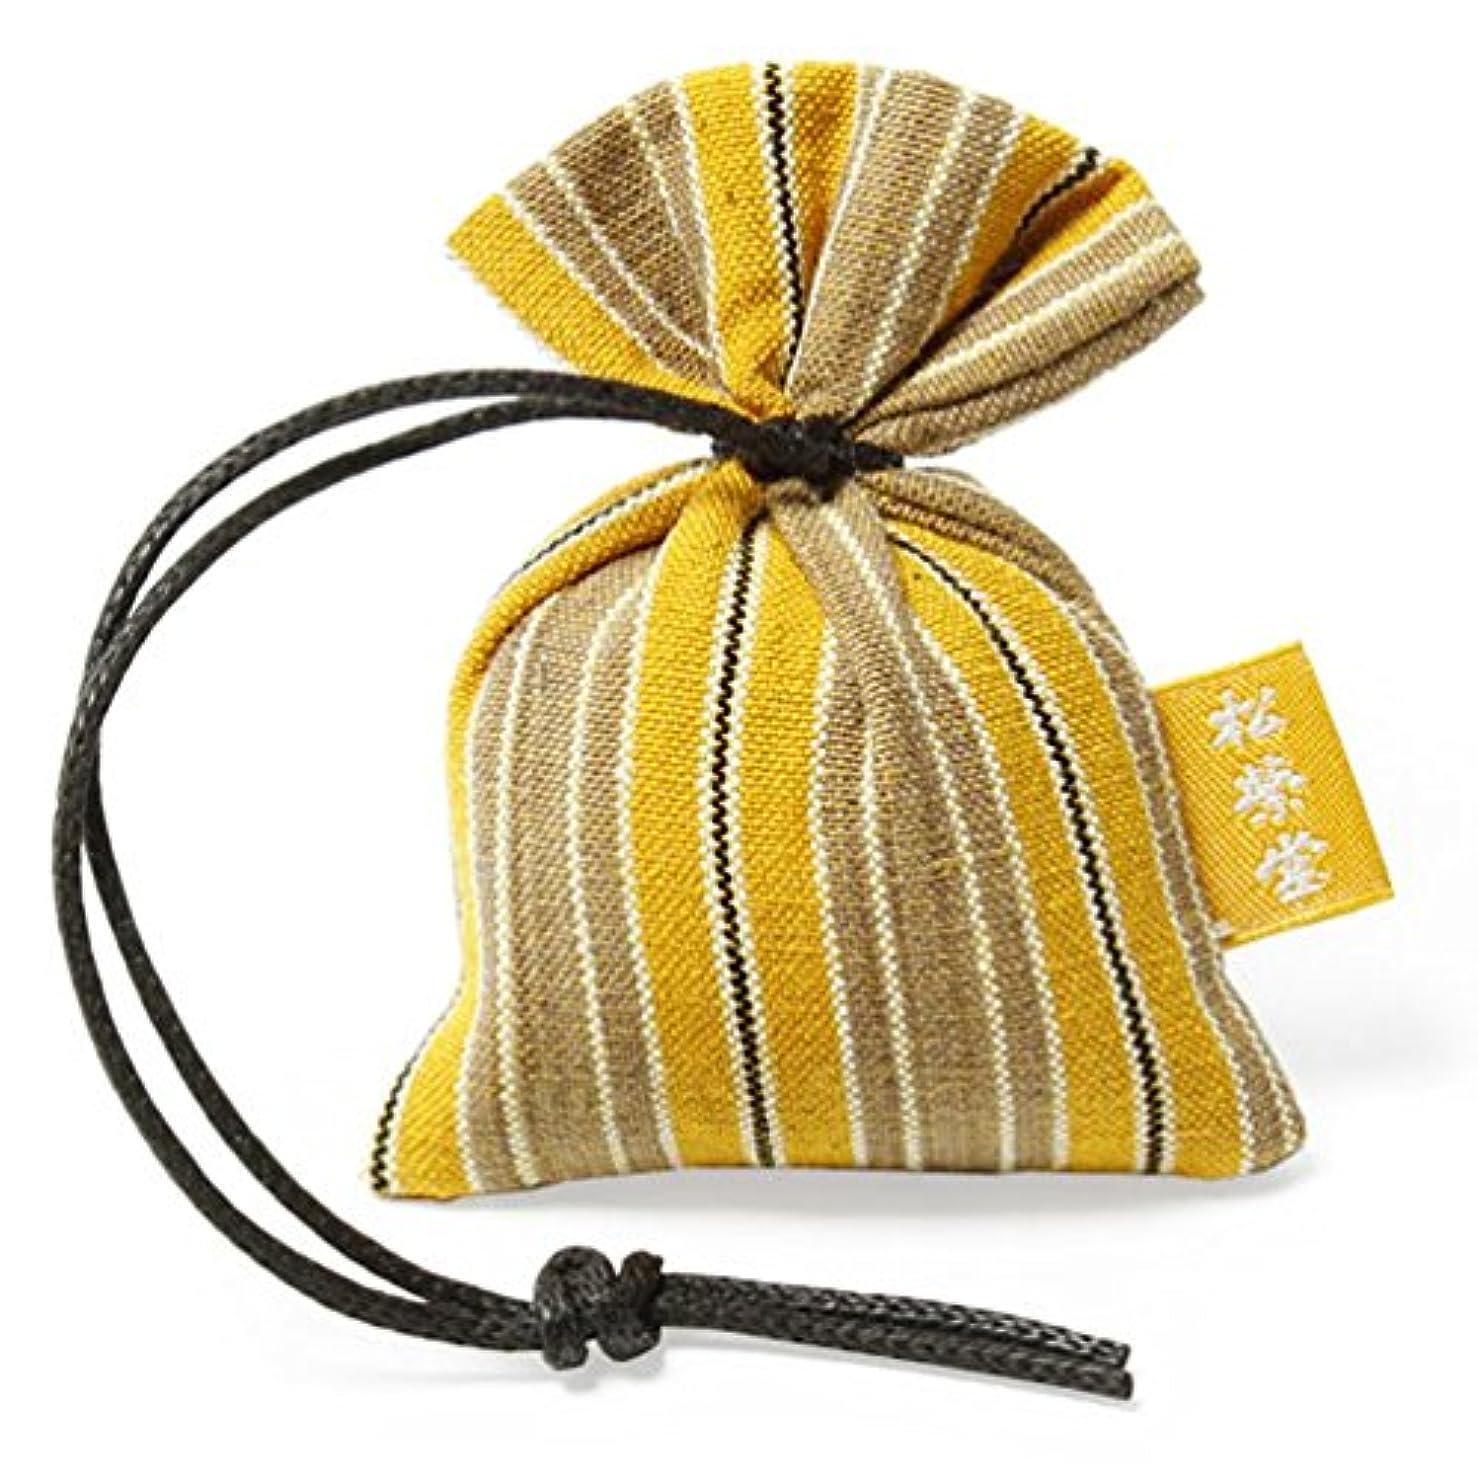 配管工ナビゲーションバレーボール松栄堂の匂い袋 誰が袖 渡 【匂い袋】 ルリック